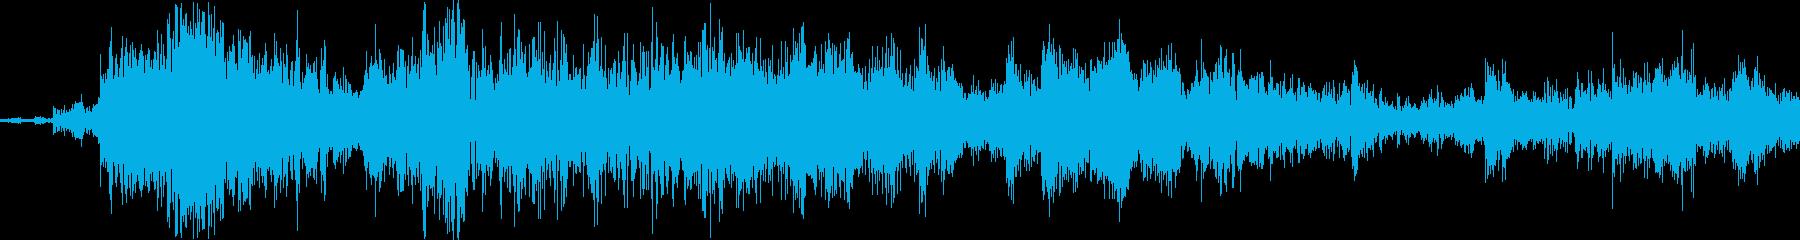 鎖鎌の鎖が鳴るの再生済みの波形